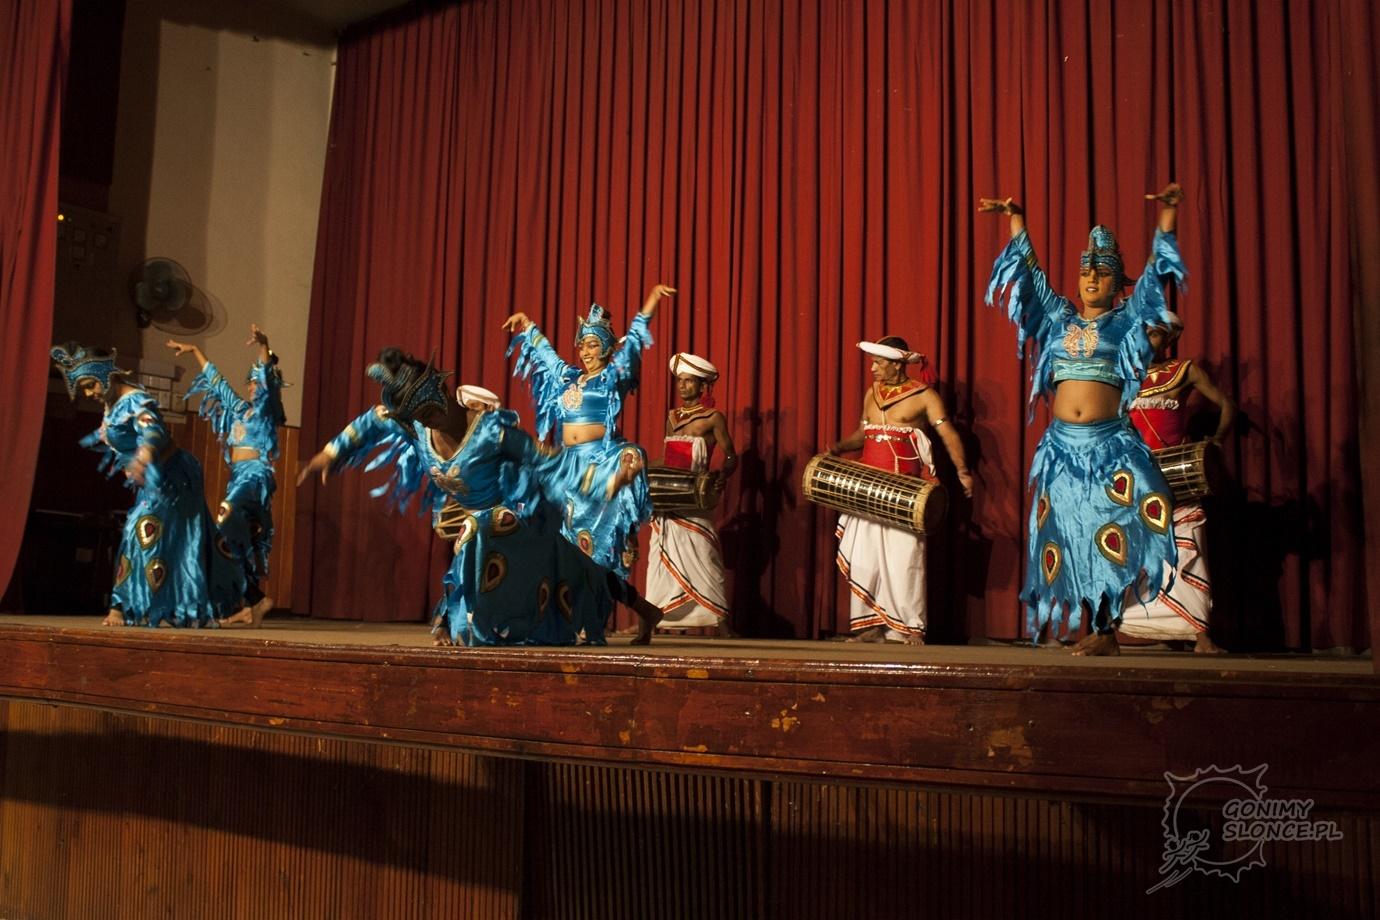 Kobiety ptaki - lankijskie tańce i kultura